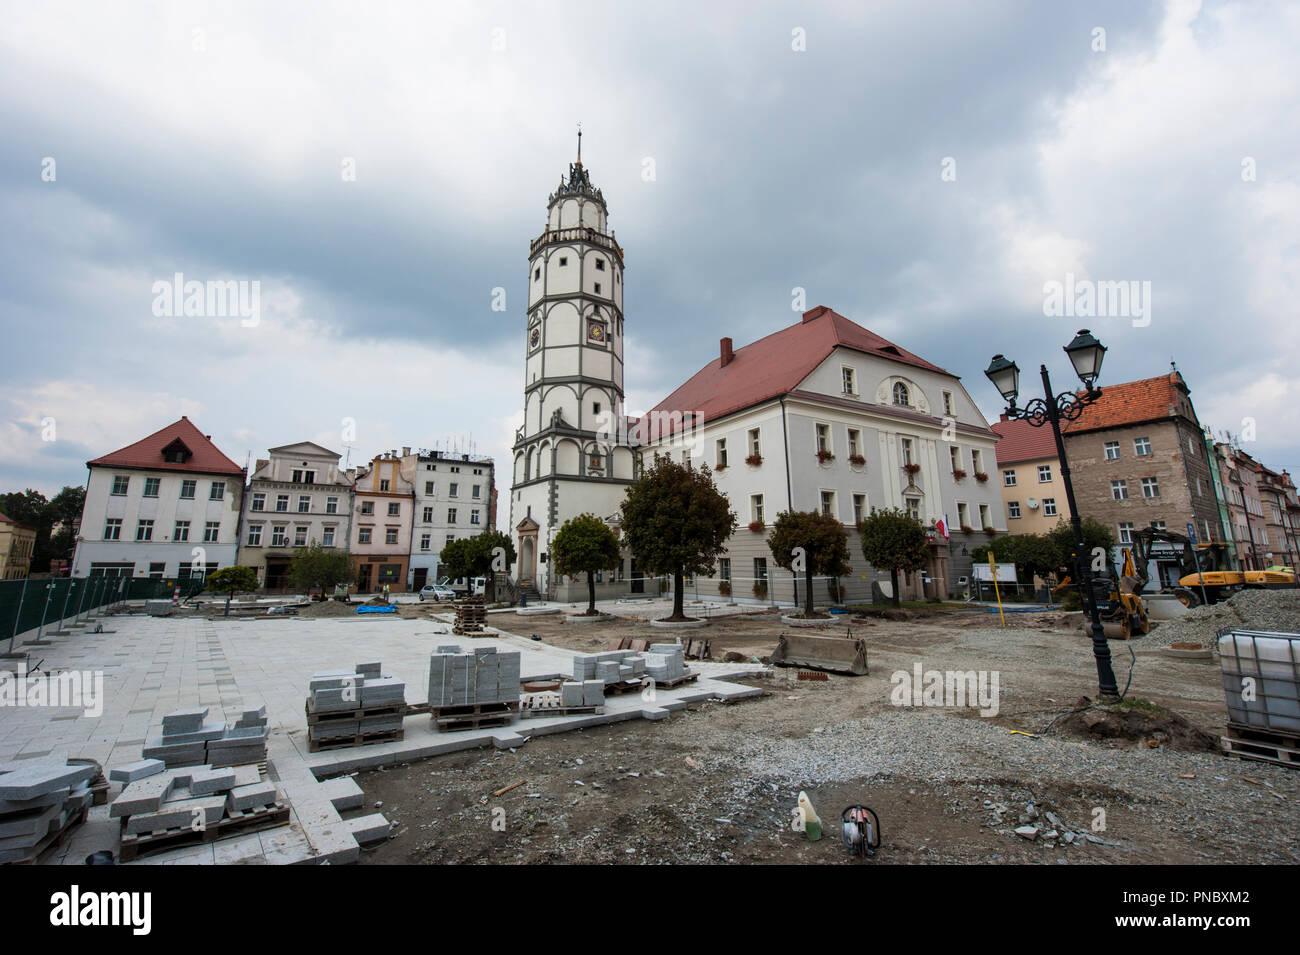 Il municipio di Paczkow, sud-ovest della Polonia. Foto Stock